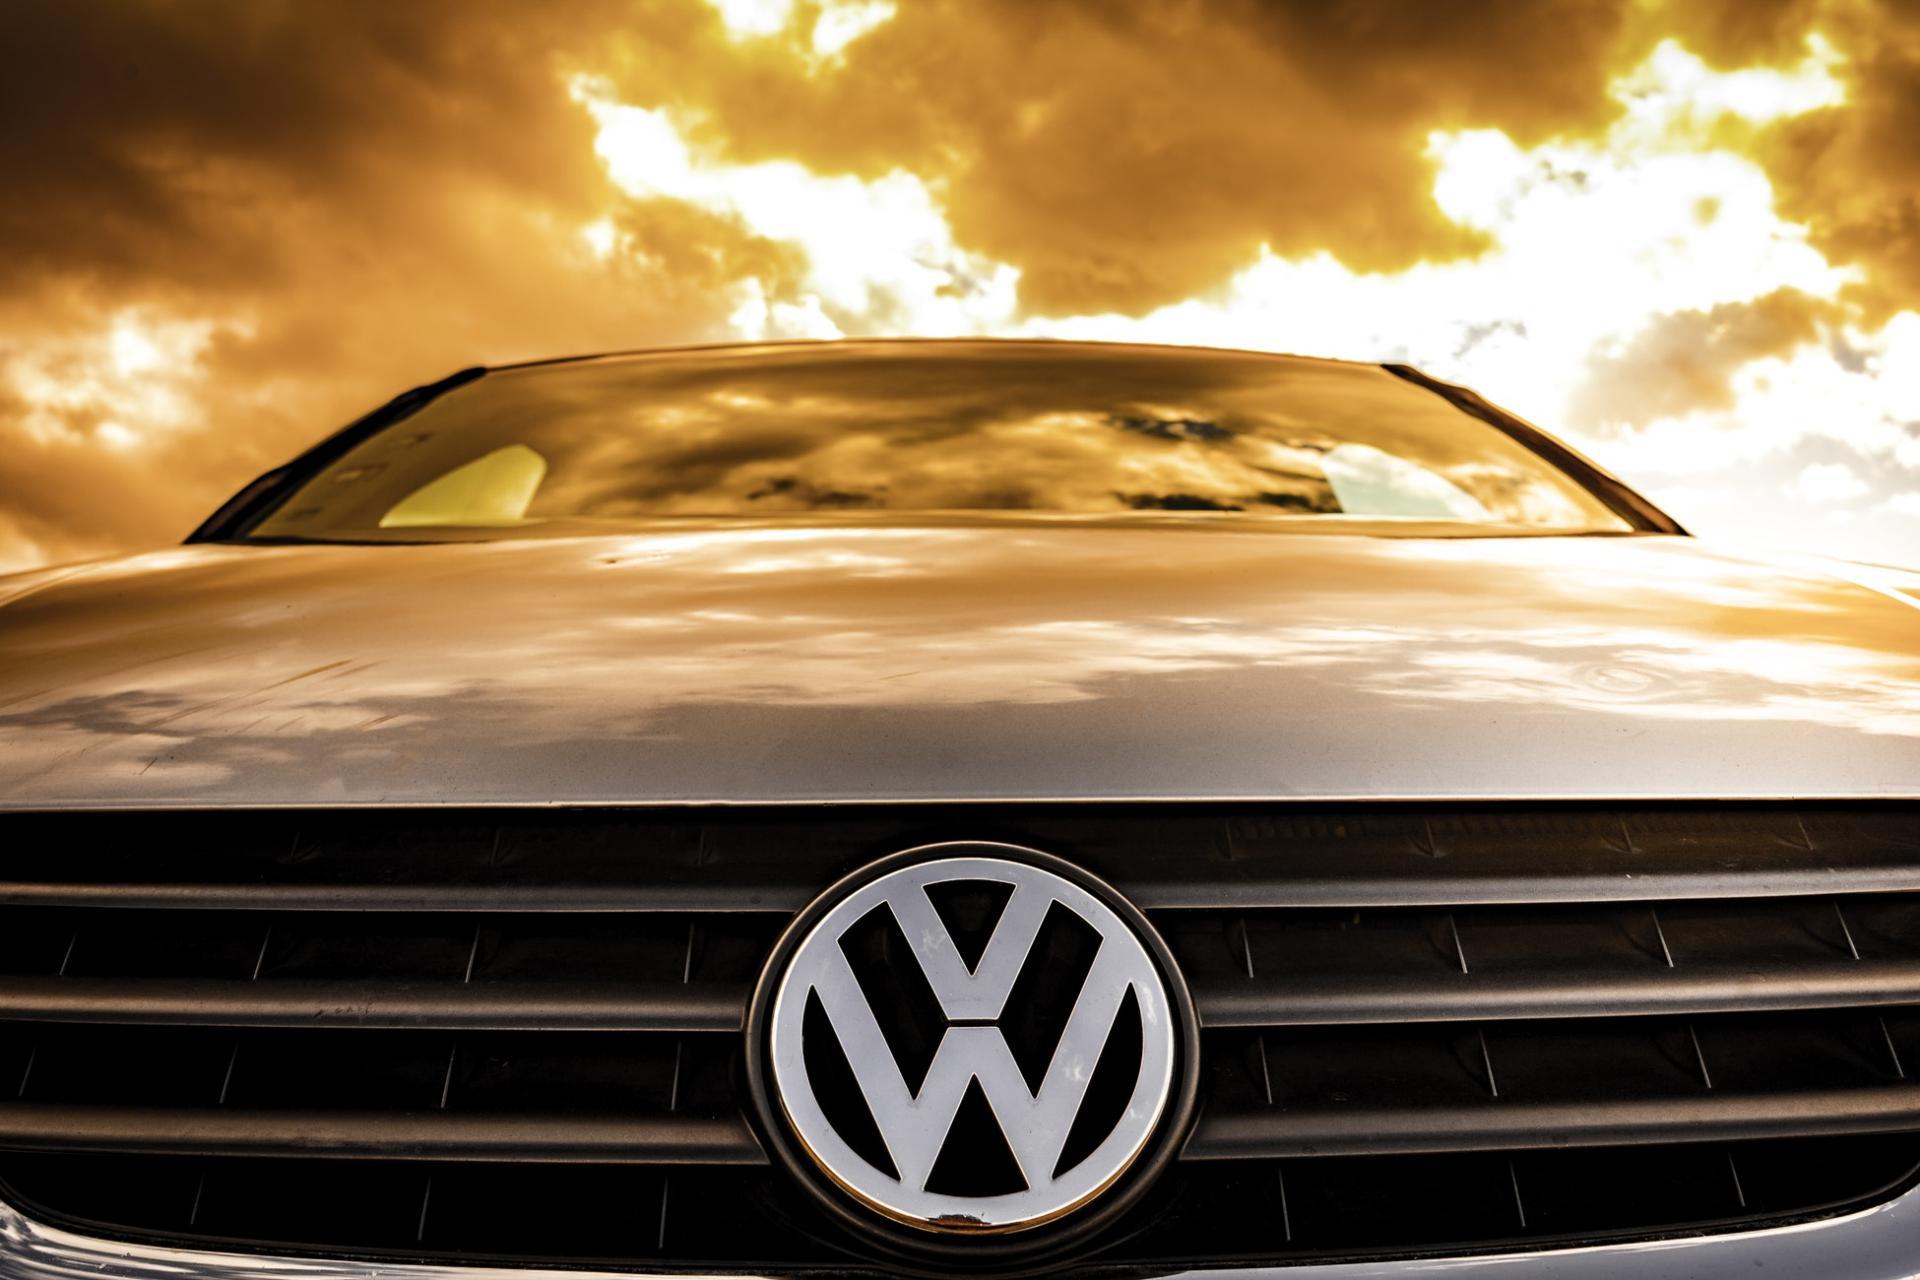 Седаны Jetta иPolo компании Volkswagen появятся наросрынке нераньше конца 2019